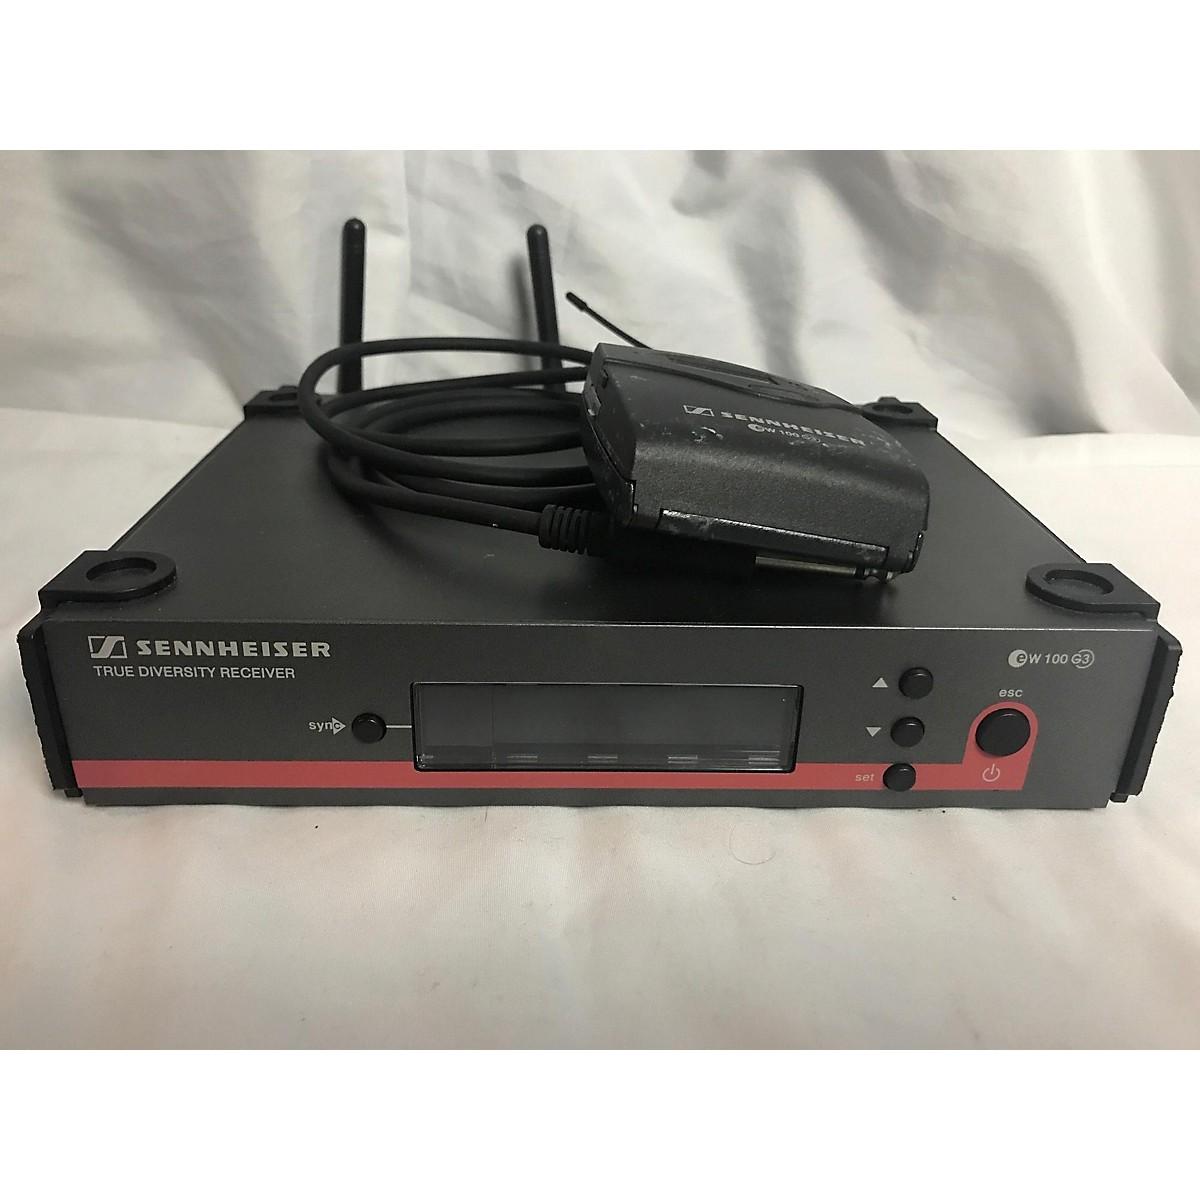 Sennheiser Ew100 G3 Instrument Instrument Wireless System